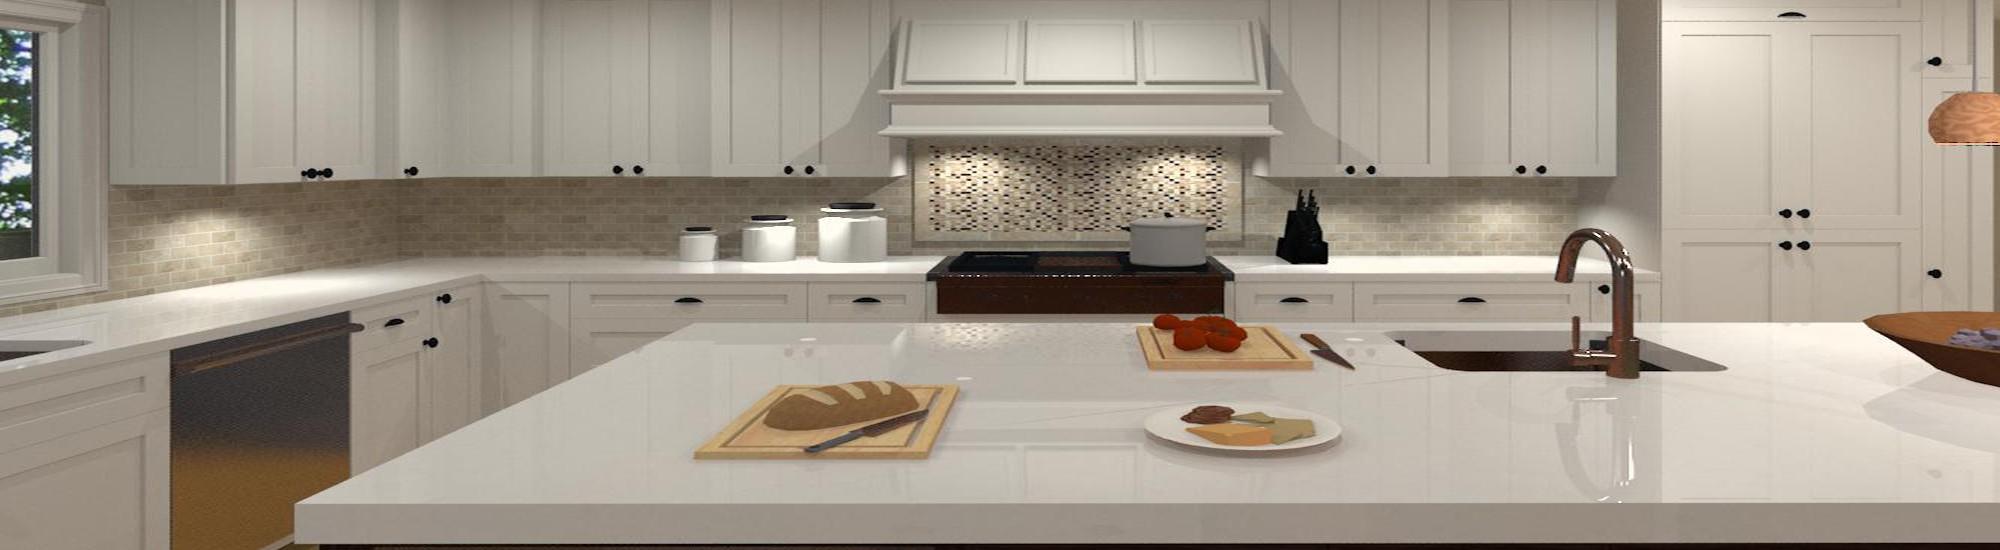 Design Build Pros Kitchen Computer Aided Design (2)